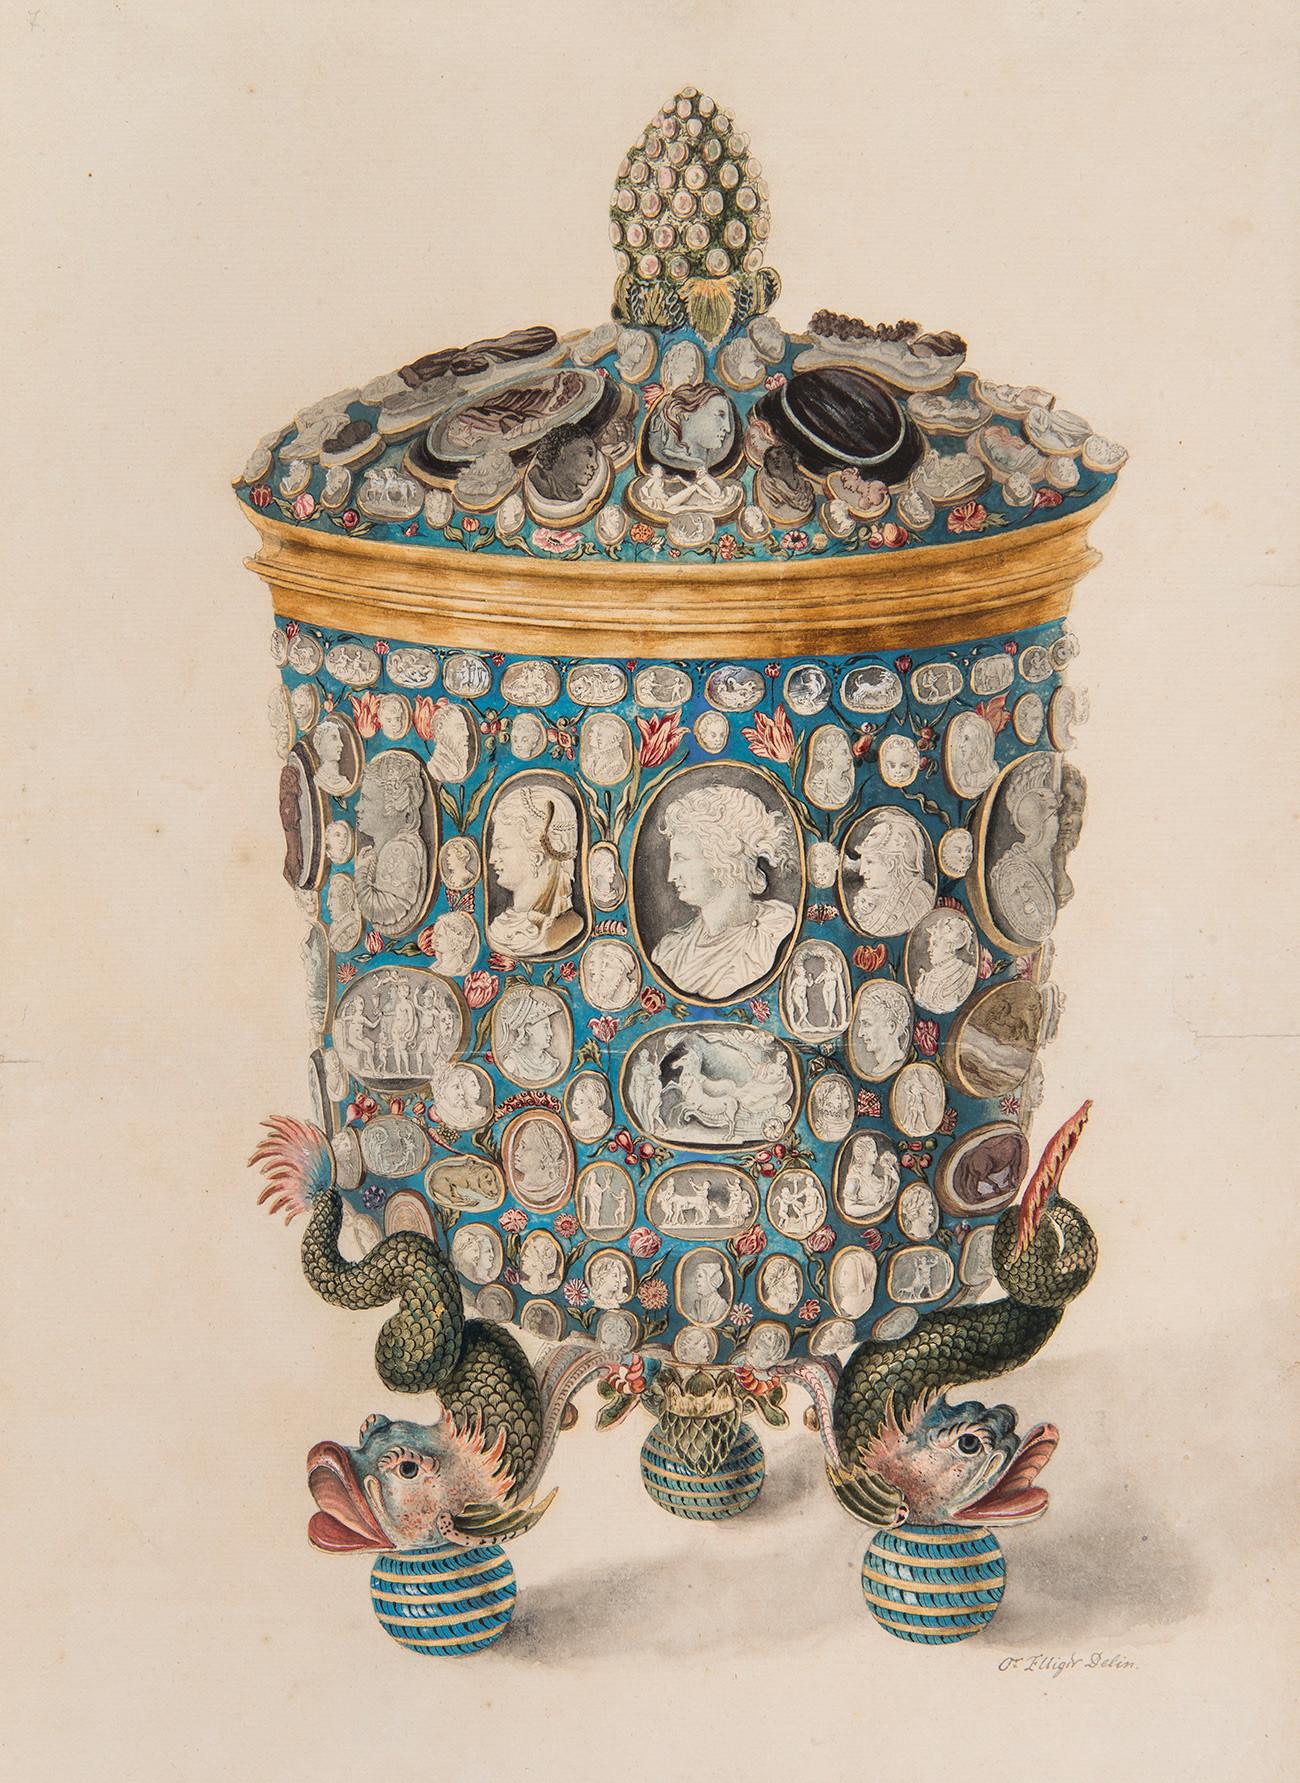 ОТМАР ЕЛИГЕР: ПЕХАР СА ПОКЛОПЦЕМ УКРАШЕН ДРАГУЉИМА    Акварел. Русија, око 1730.    Папир, четкица, перо, позлата, мастило, водене боје